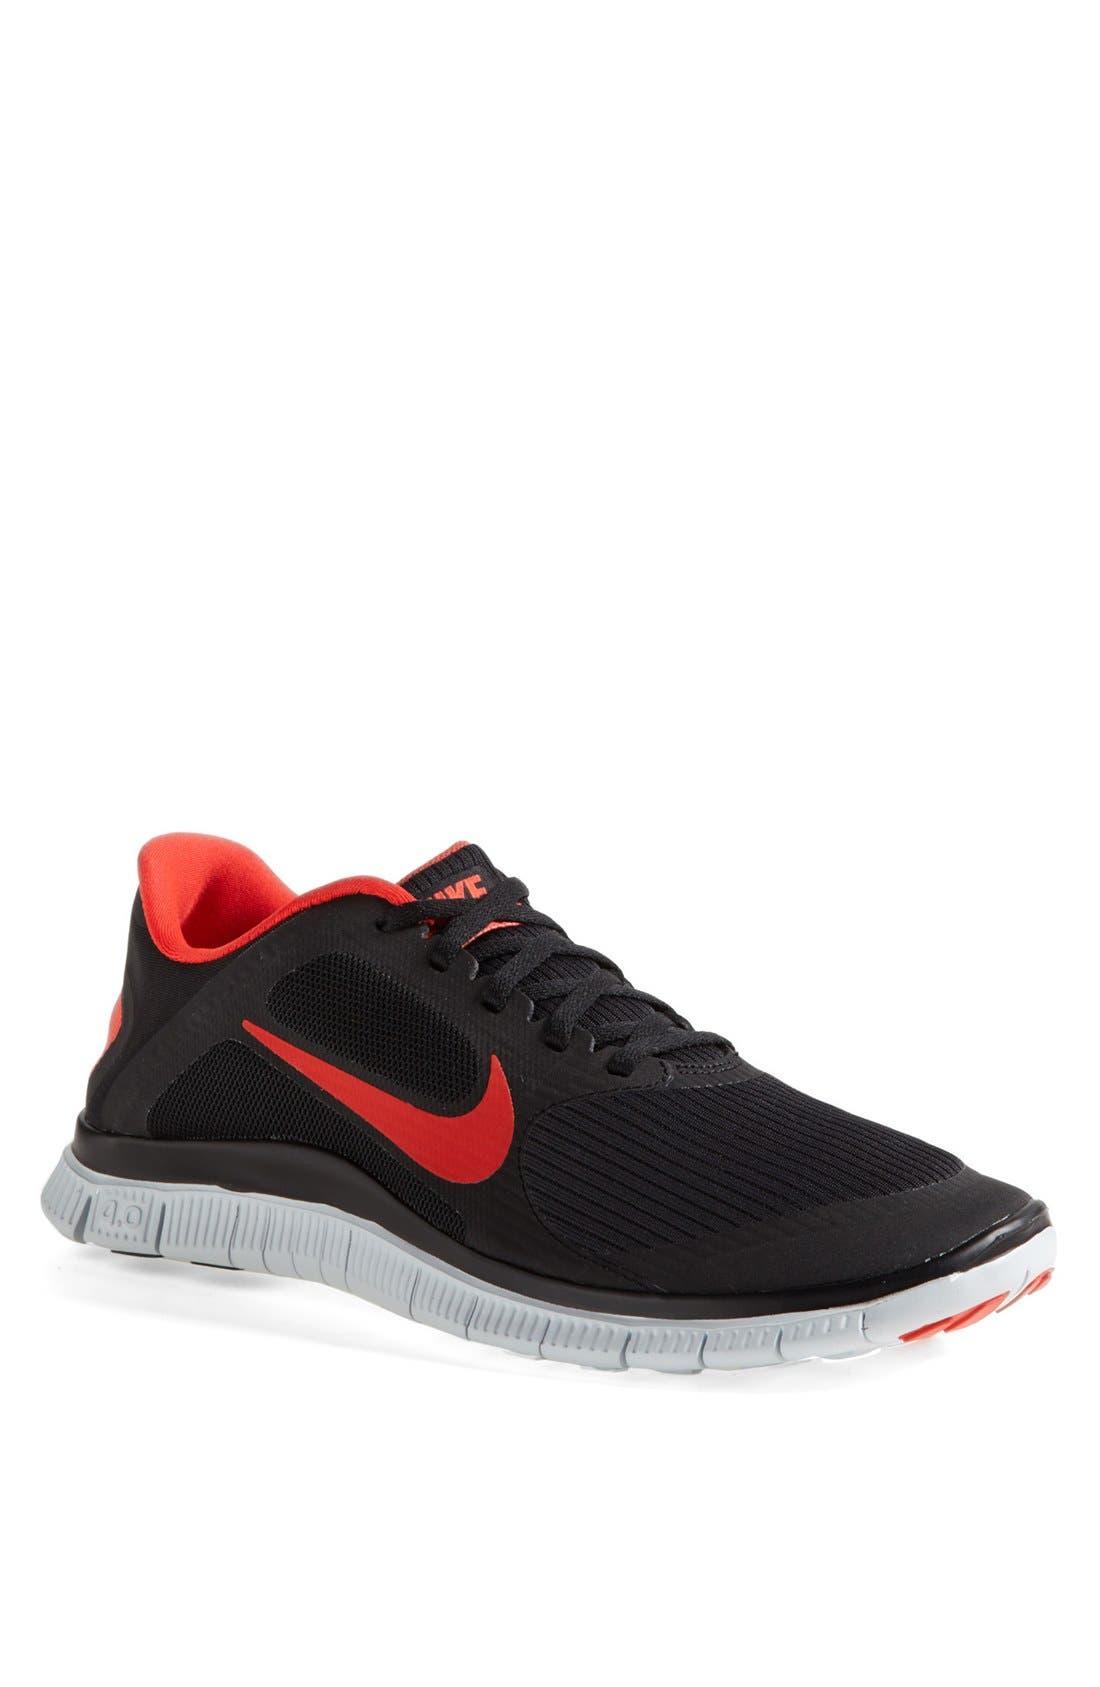 Main Image - Nike 'Free 4.0 V3' Running Shoe (Men)